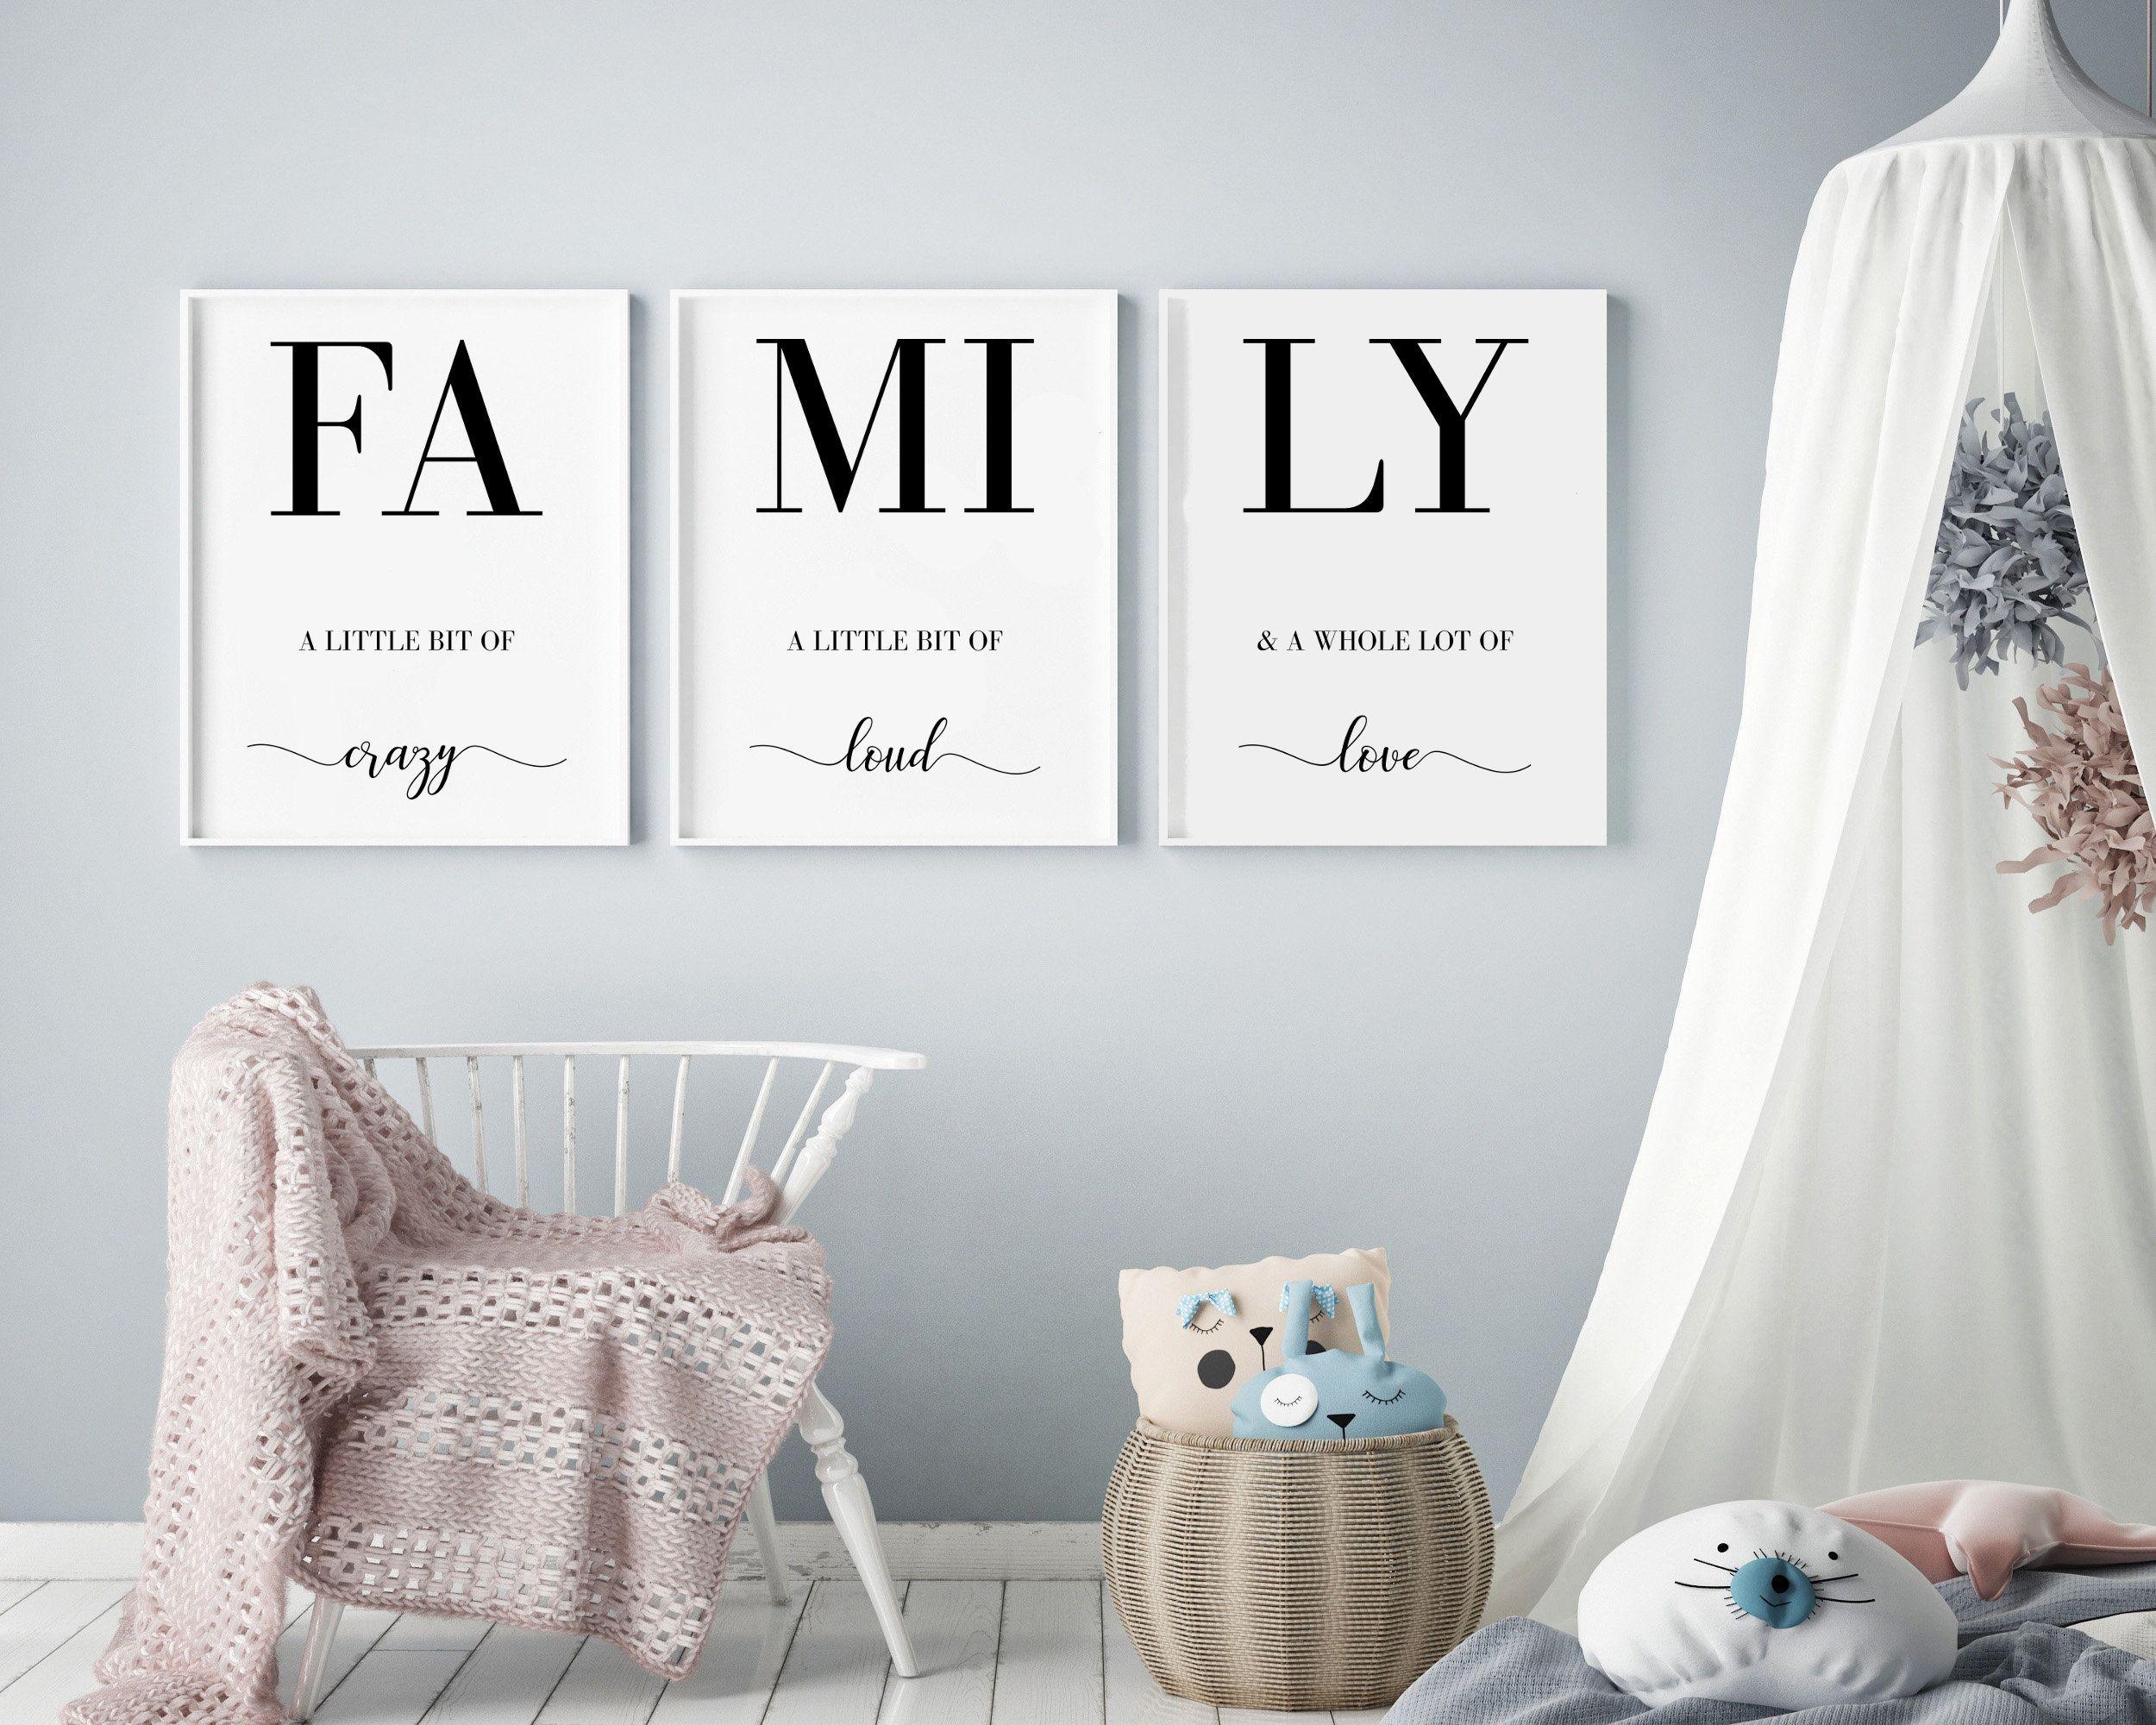 FAMILY A LITTLE BIT OF CRAZY LOVE WALL ART DECAL VINYL STICKER LAUGH